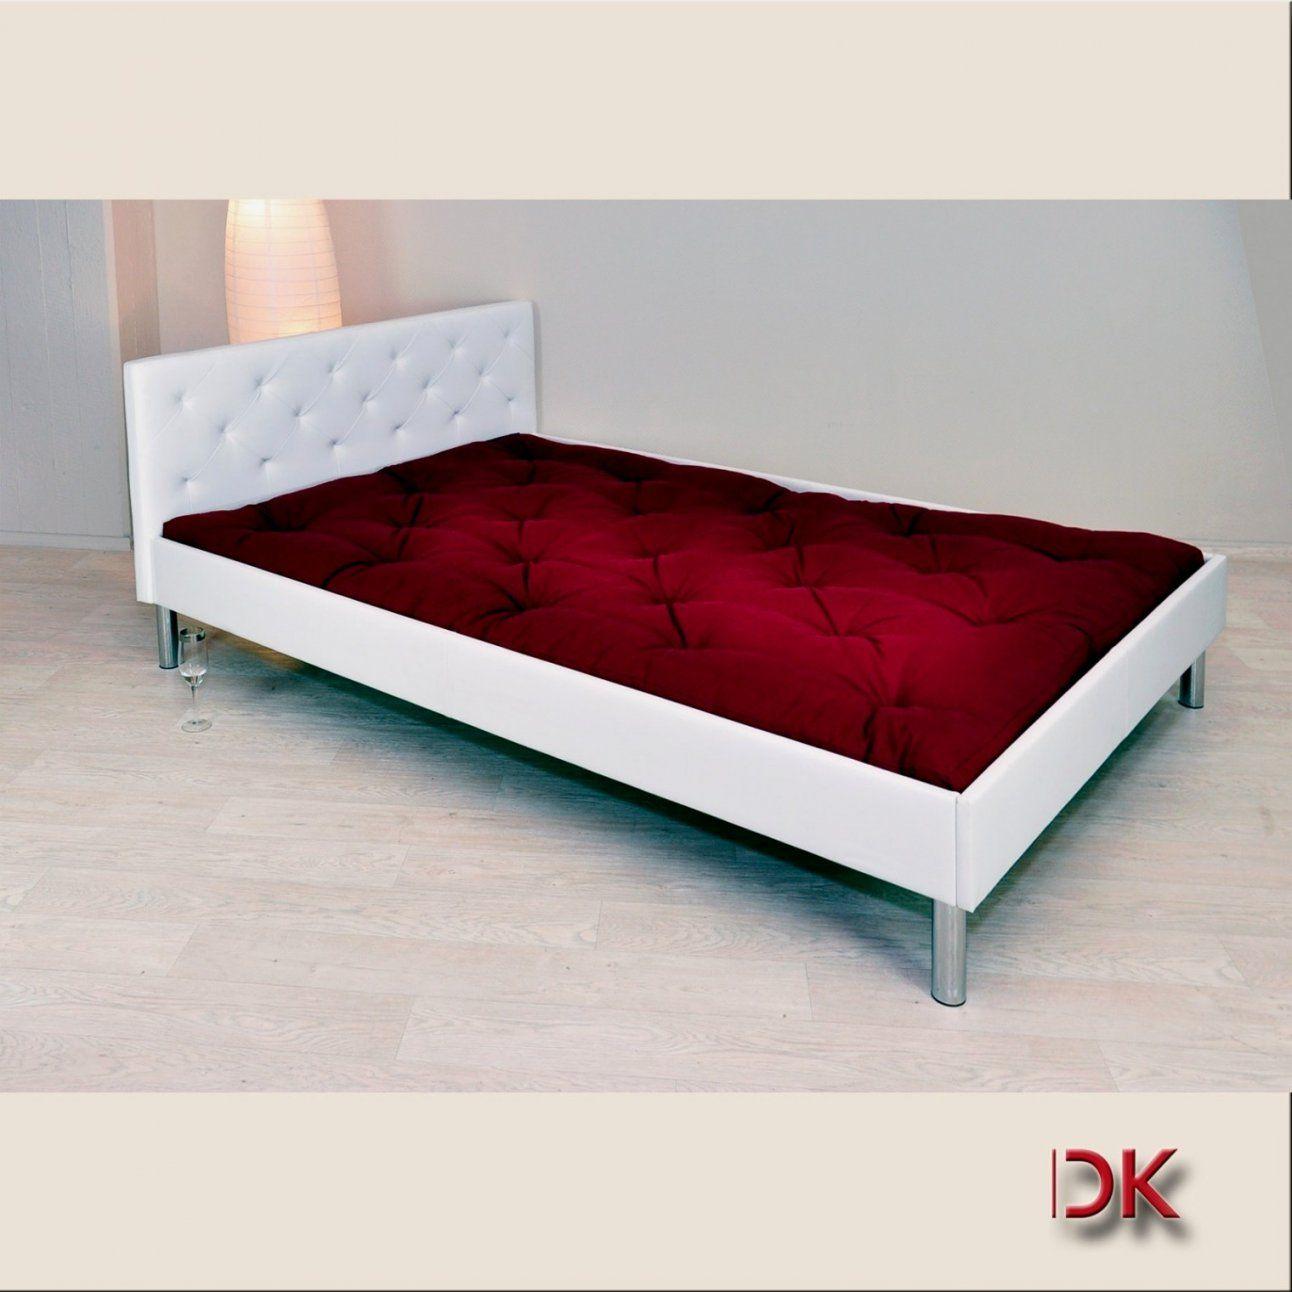 Wunderbar Hervorragend Schöne Bettwäsche Günstig Schonheit von Estella Bettwäsche Fabrikverkauf Photo